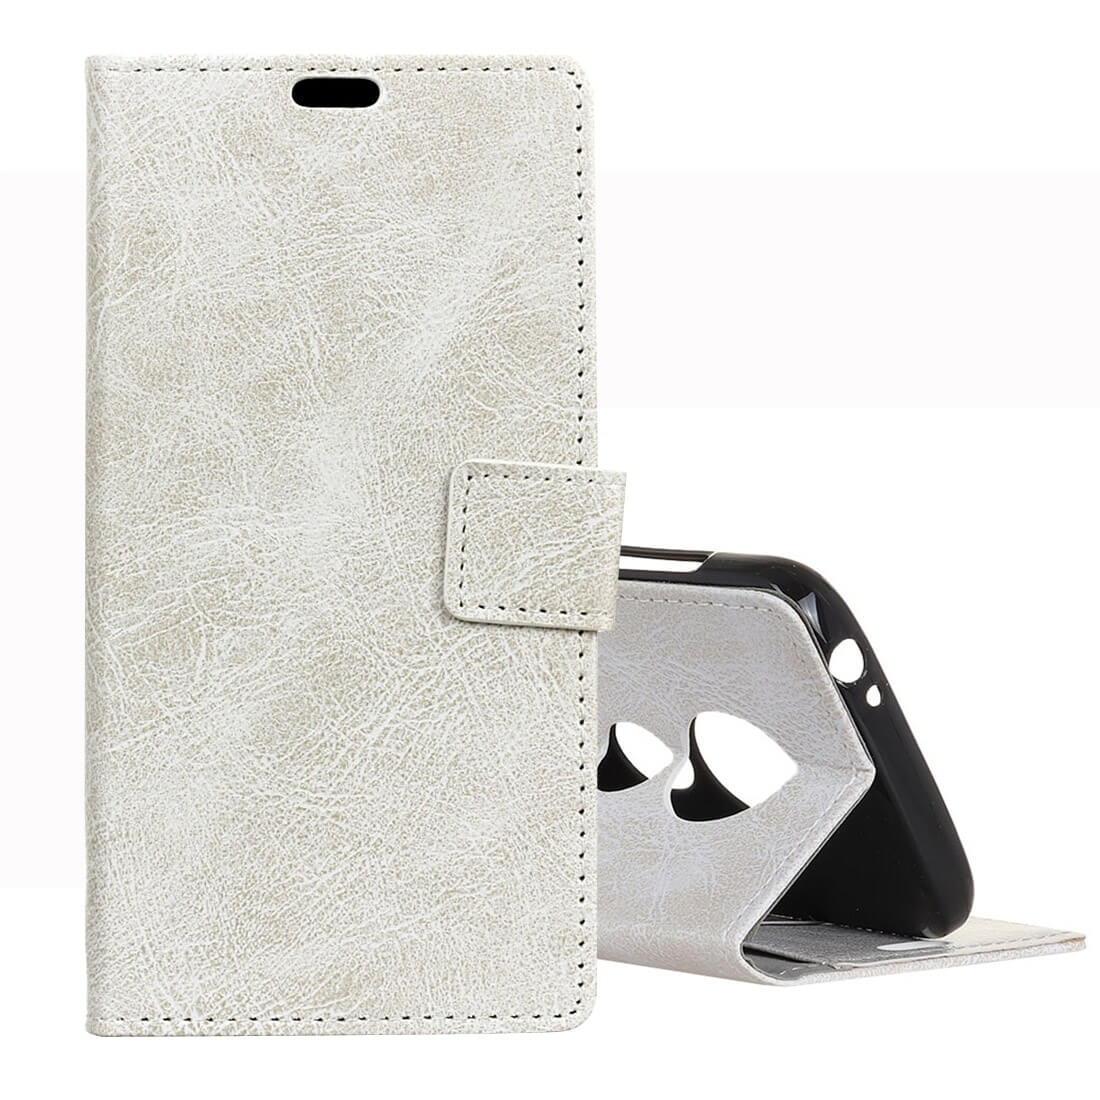 FORCELL RETRO Peňaženkový obal Motorola Moto G7 Play bílý